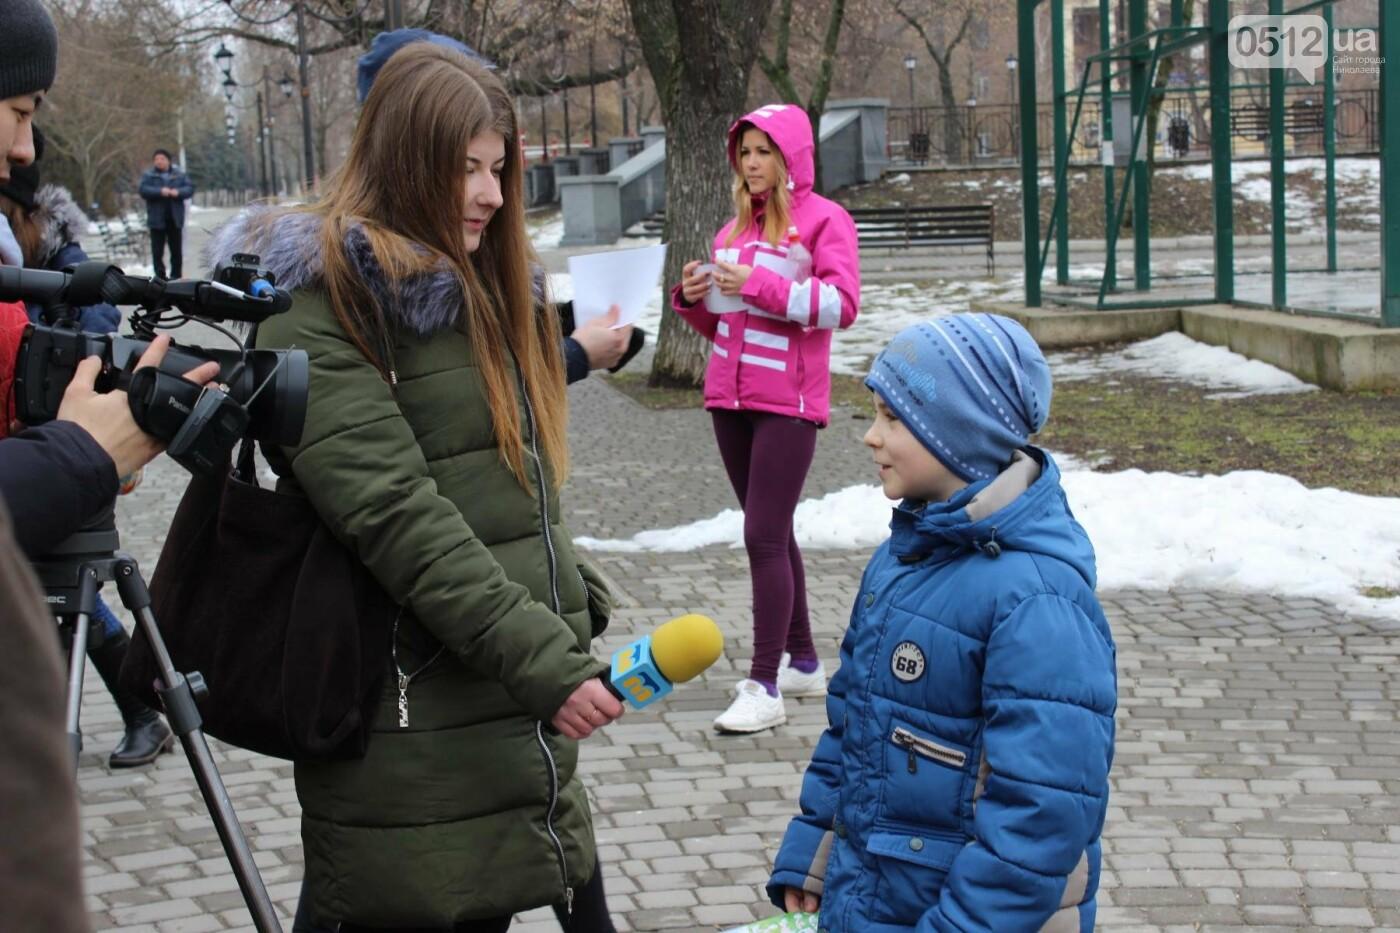 В Николаеве прошел забег очарования, - ФОТО, фото-22